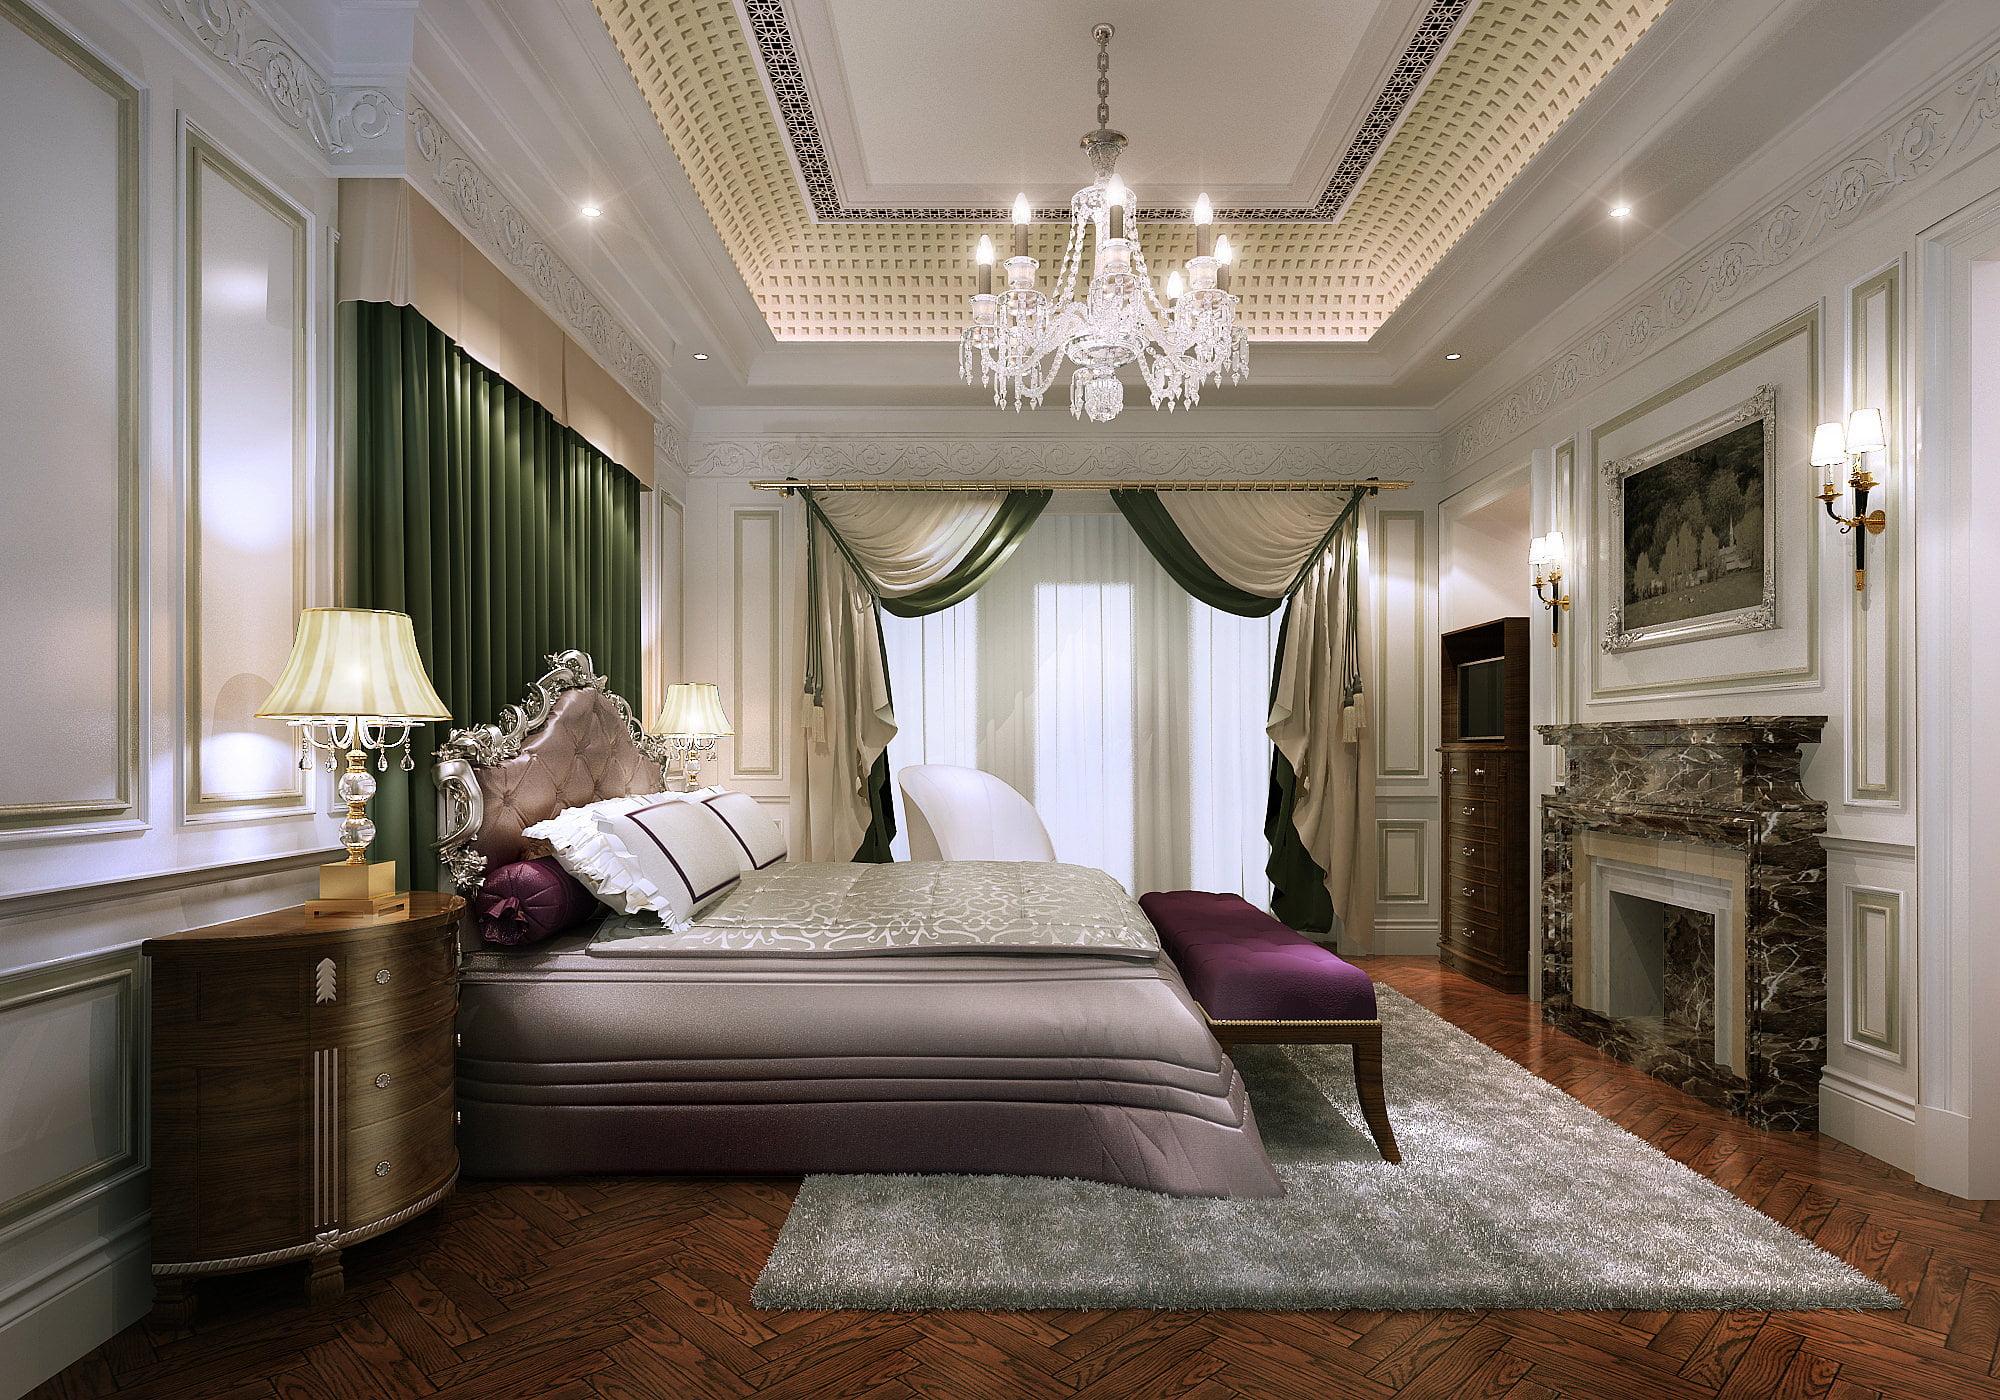 mẫu phòng ngủ đẹp phong cách tân cổ điển